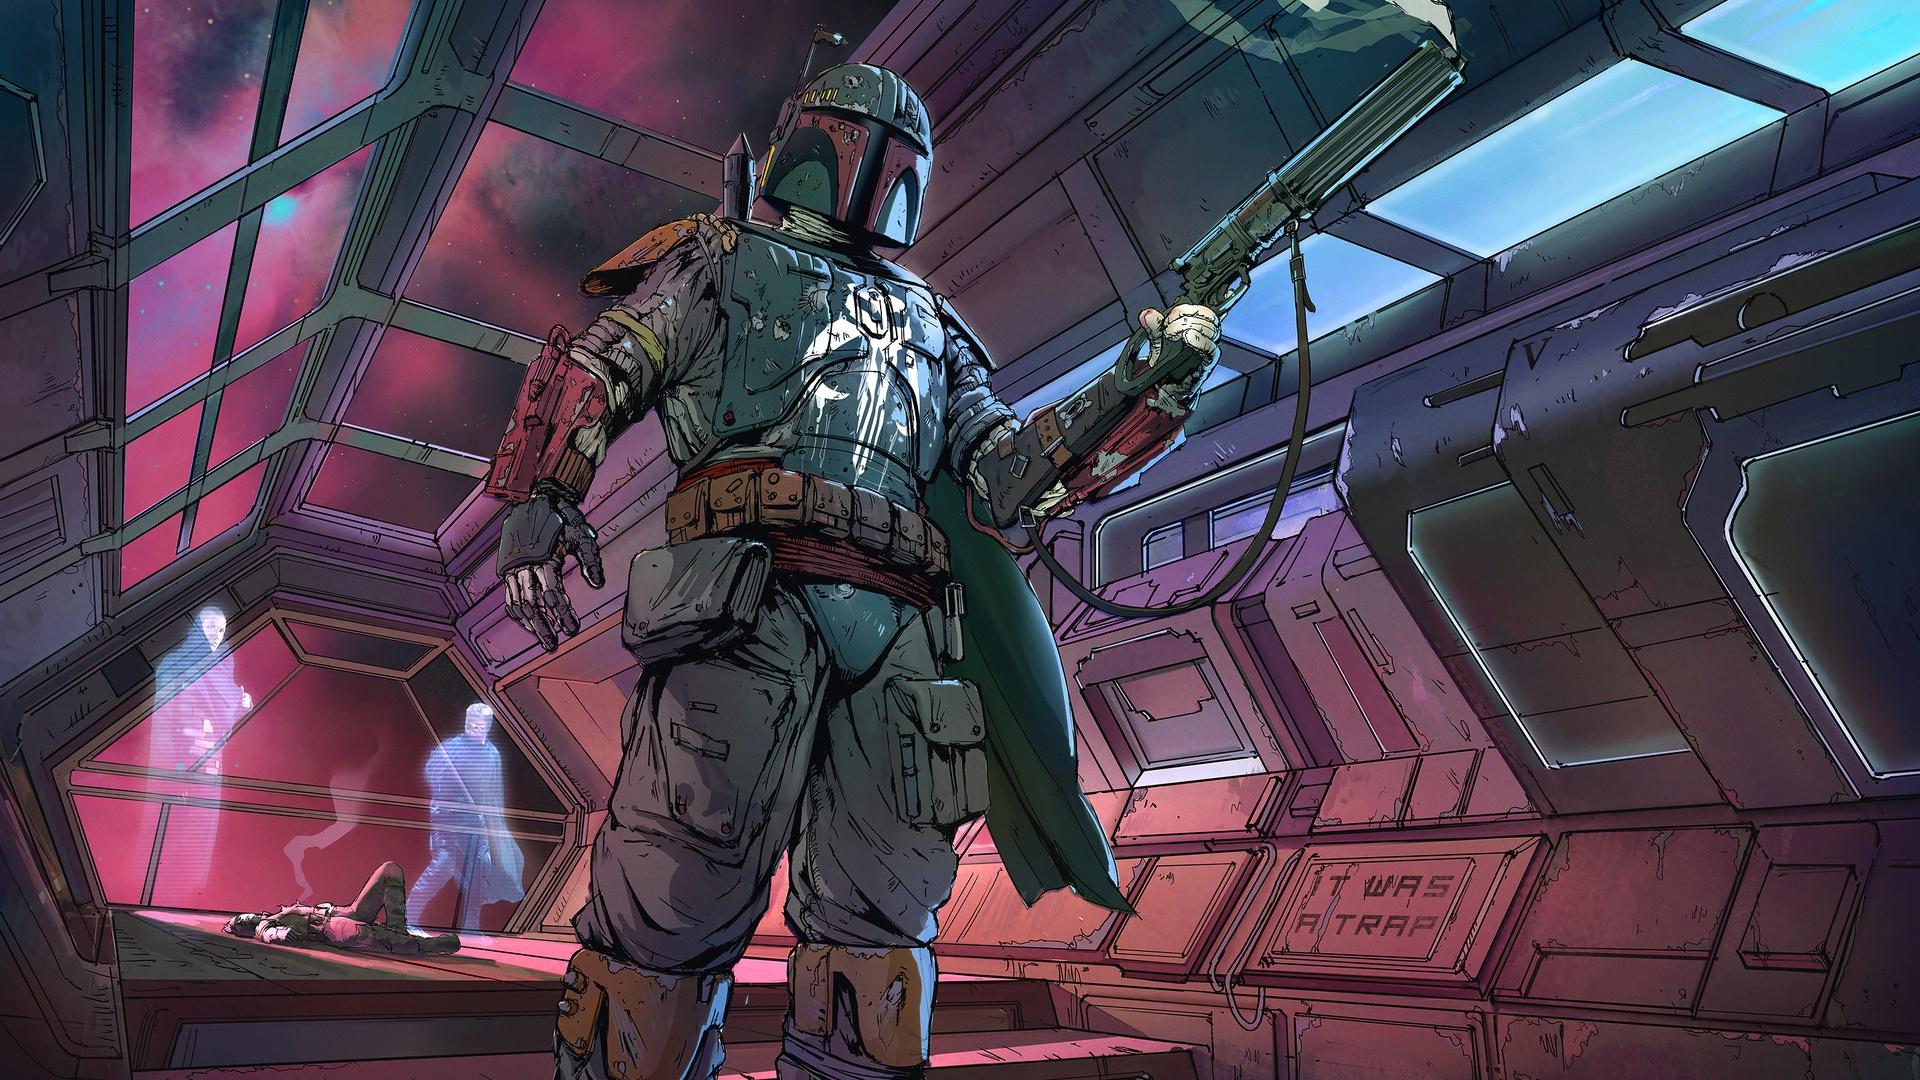 Sci Fi Star Wars Boba Fett Bounty Hunter Hd Wallpaper Star Wars Online Bounty Hunter 3116707 Hd Wallpaper Backgrounds Download